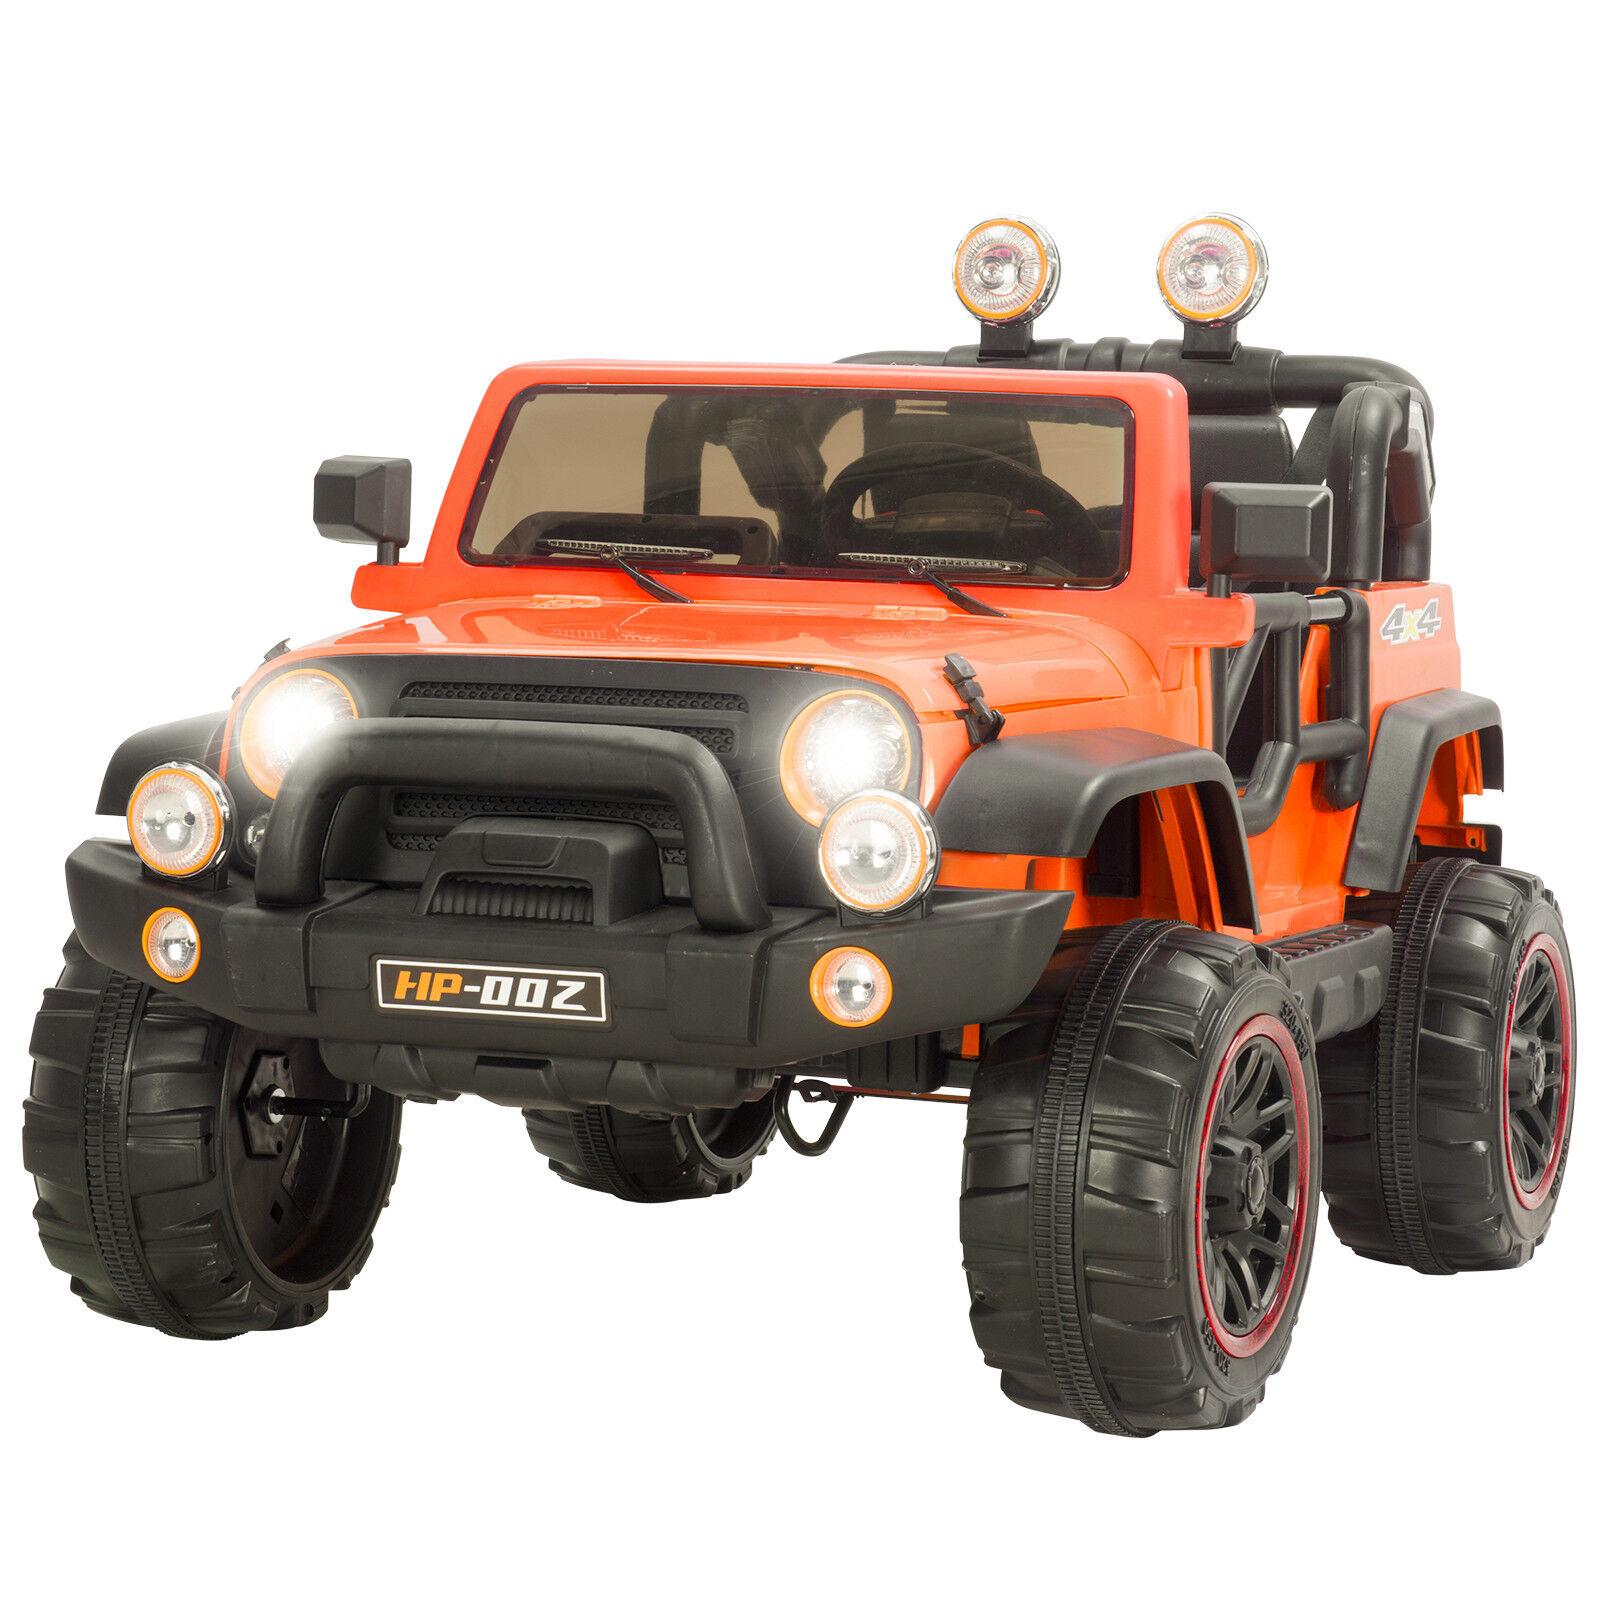 12v fahrt auf jeep - auto mit fernbedienung, 2 geschwindigkeit, led - licht, mp3 - Orange